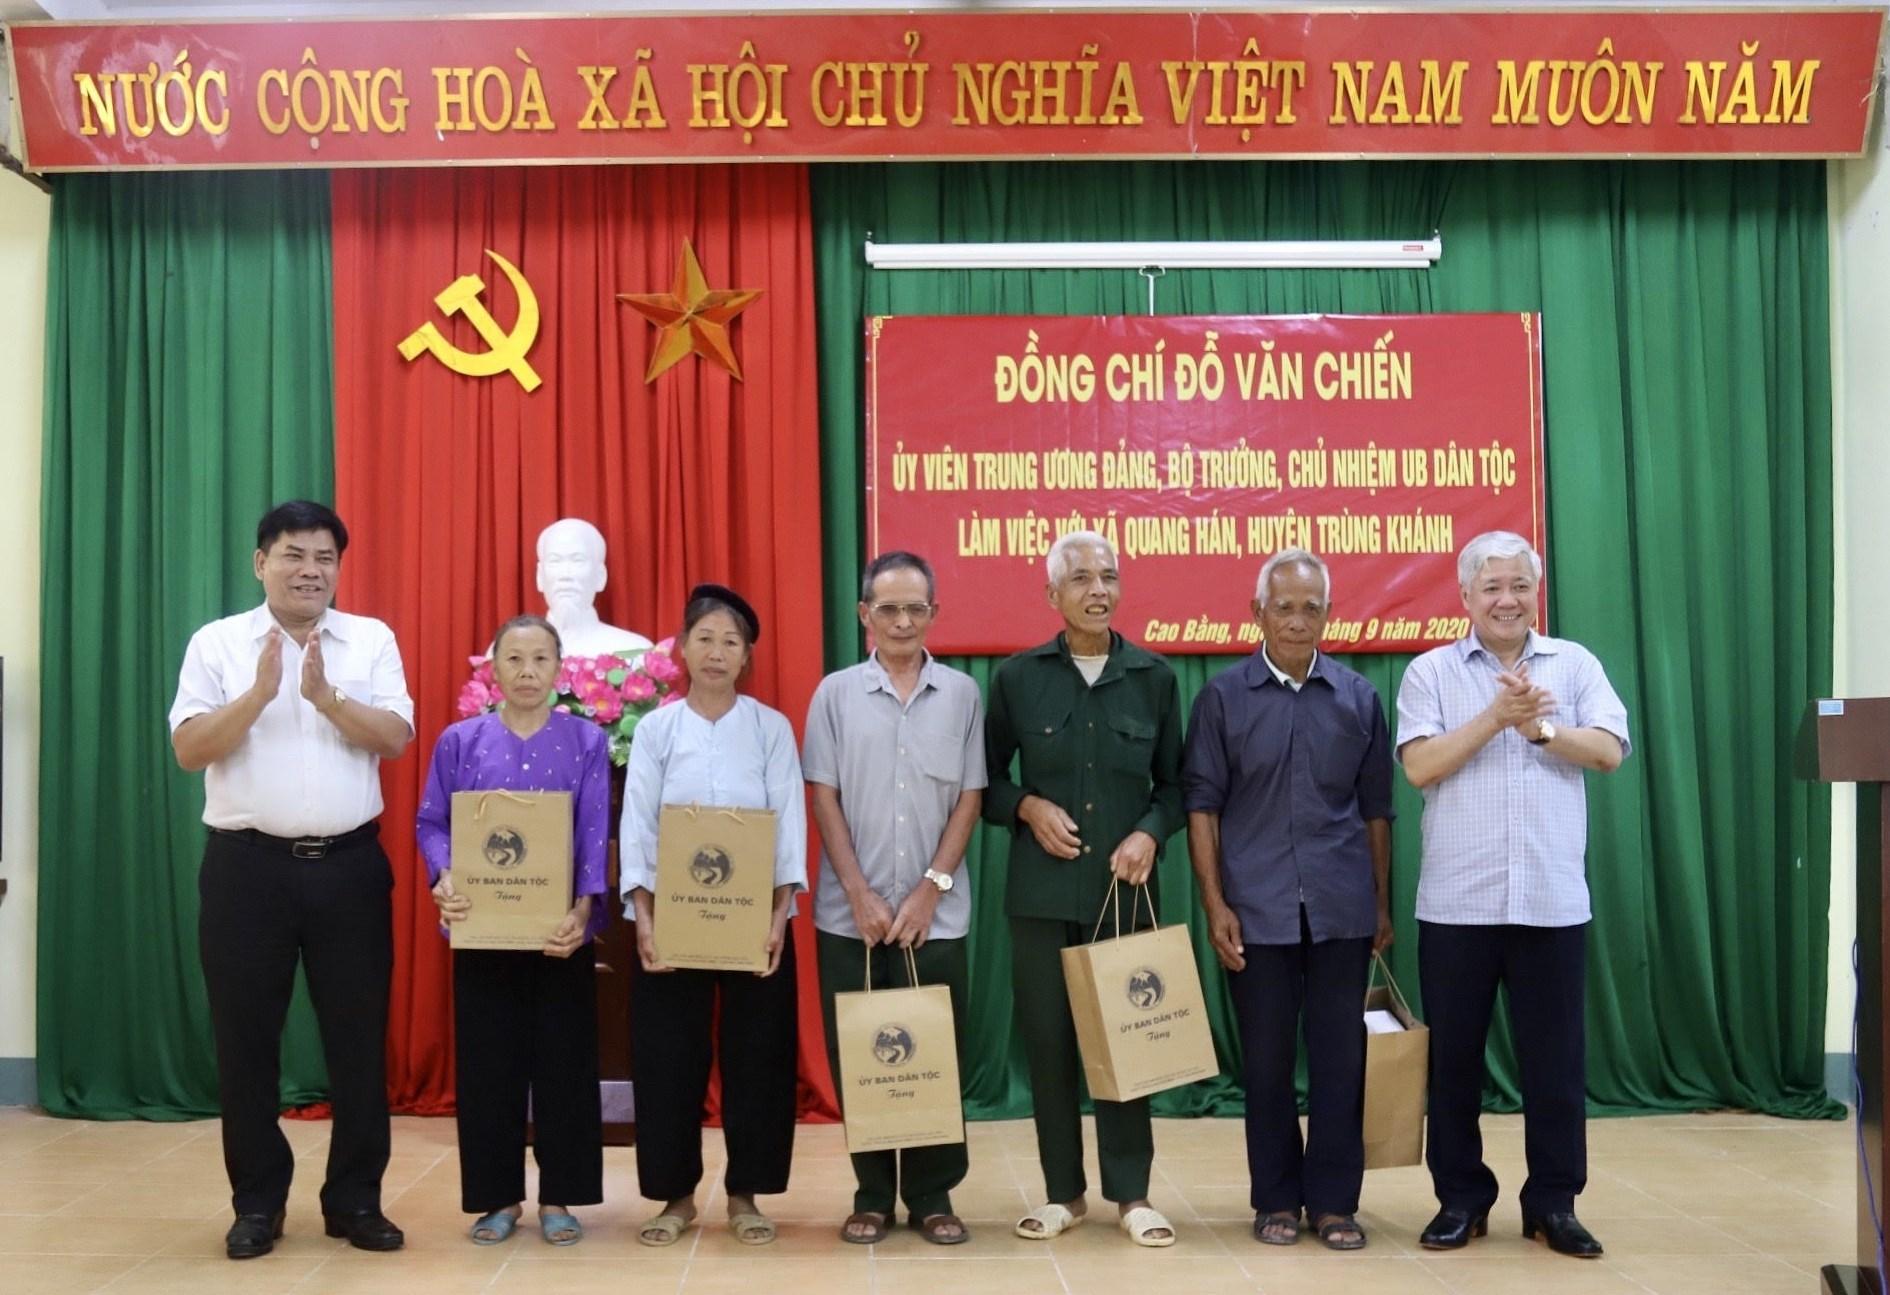 Bộ trưởng, Chủ nhiệm Đỗ Văn Chiến và Thứ trưởng, Phó Chủ nhiệm Y Thông tặng quà cho đại diện các hộ gia đình chính sách tiêu biểu